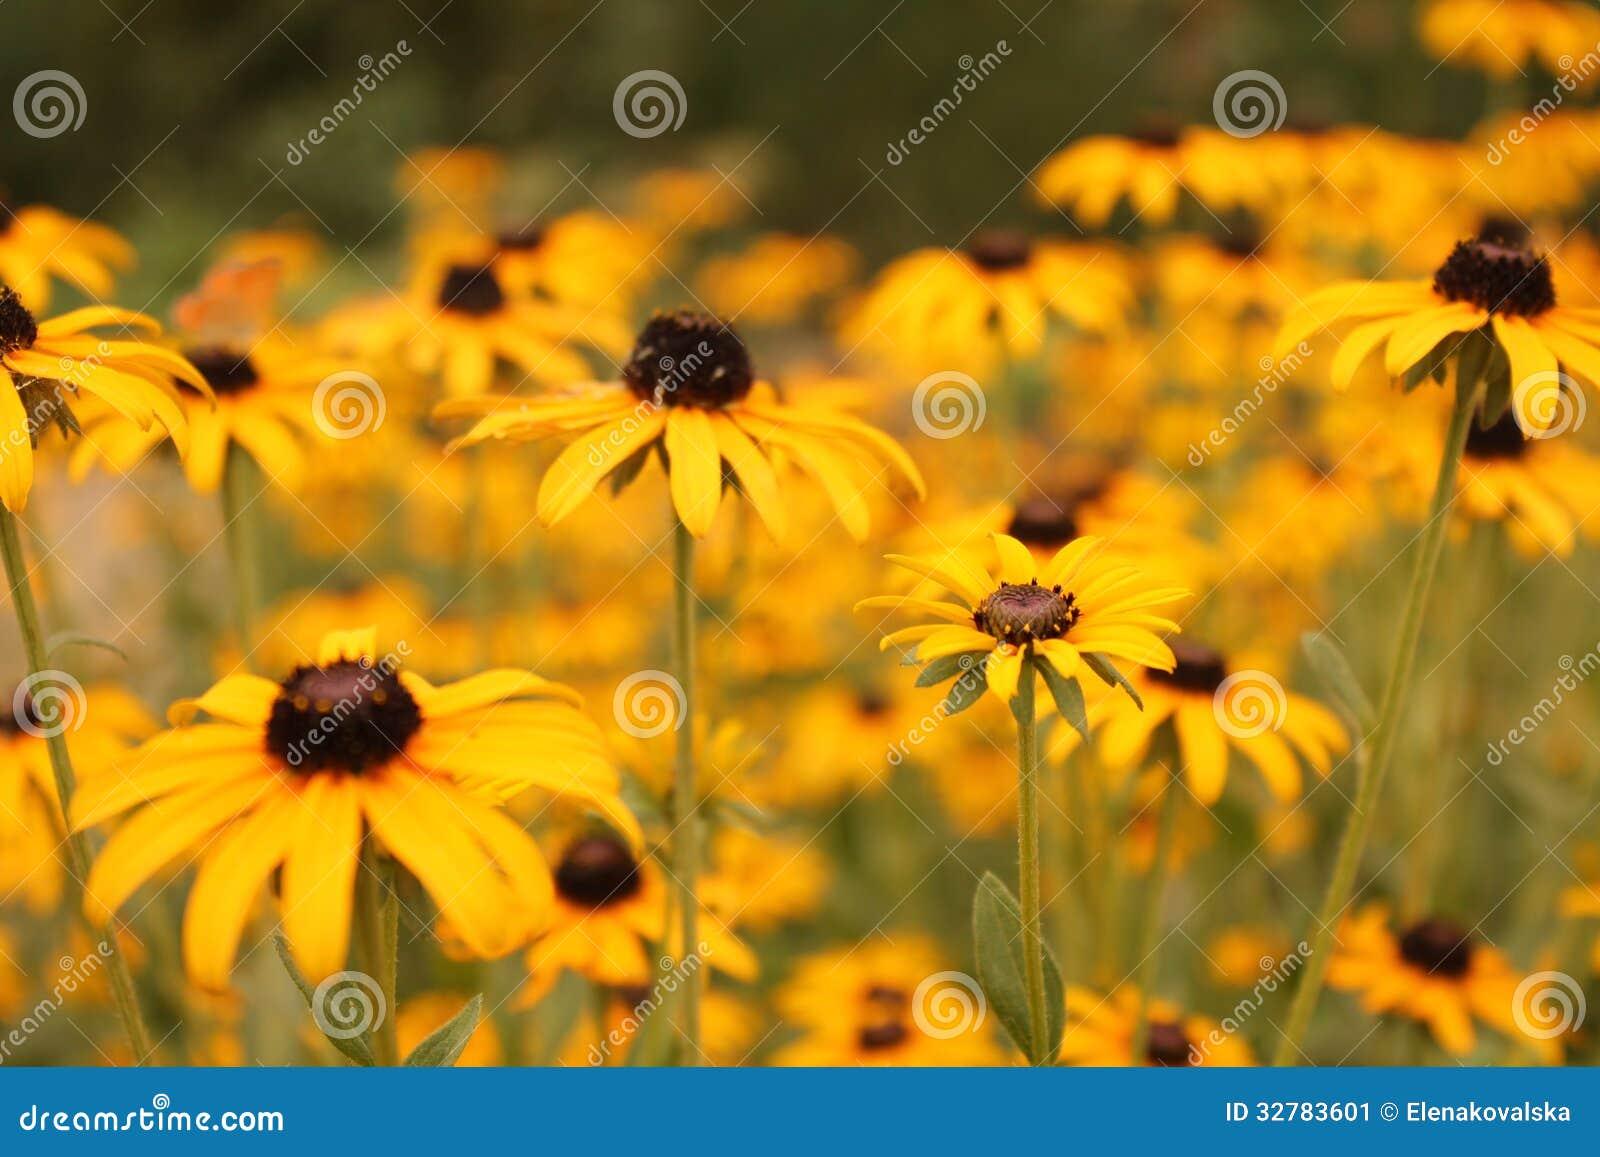 gelbe blumen stockbild bild von hell obstgarten biene. Black Bedroom Furniture Sets. Home Design Ideas